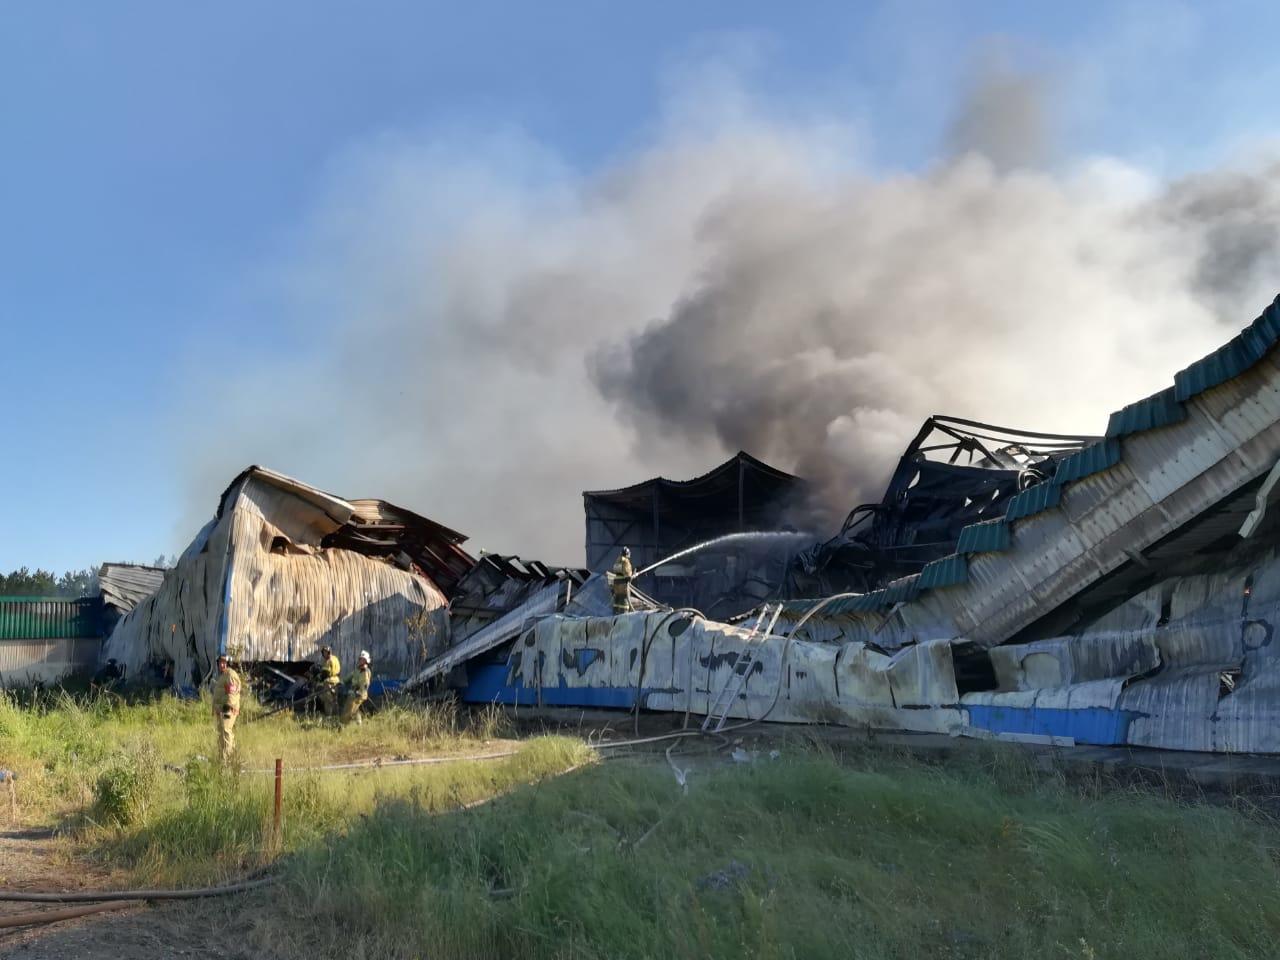 Эксперты и следователи разбираются причинах масштабного пожара предприятии Алтайский бройлер